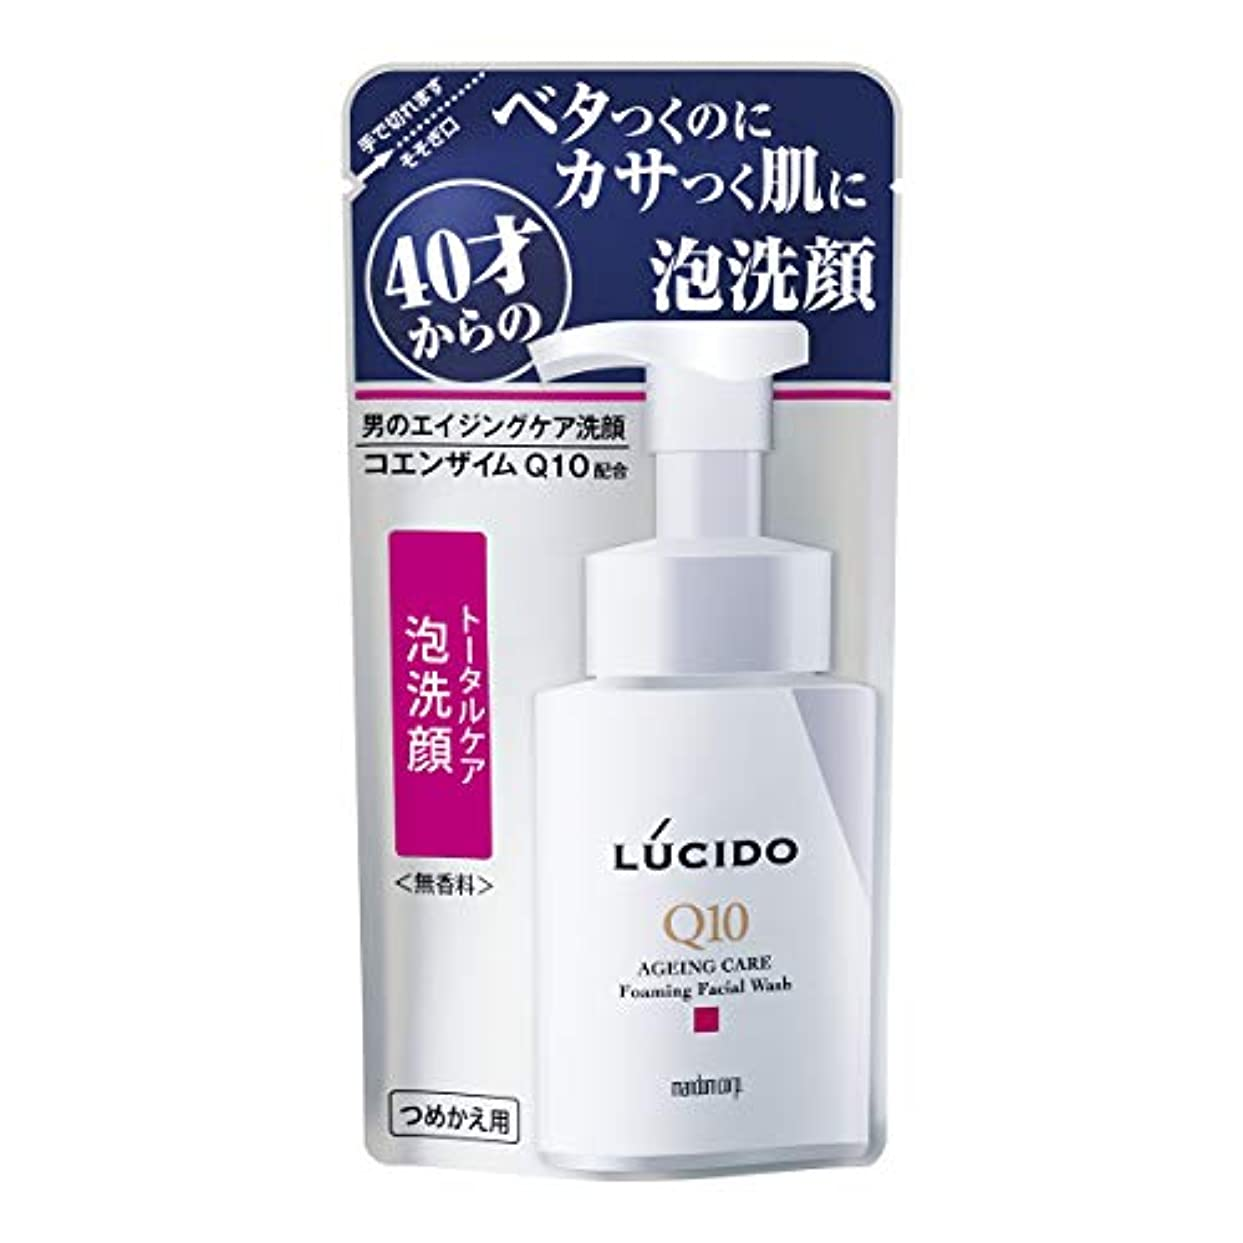 スクラップブックウォルターカニンガムインゲンLUCIDO(ルシード) トータルケア泡洗顔 つめかえ用 Q10 130mL